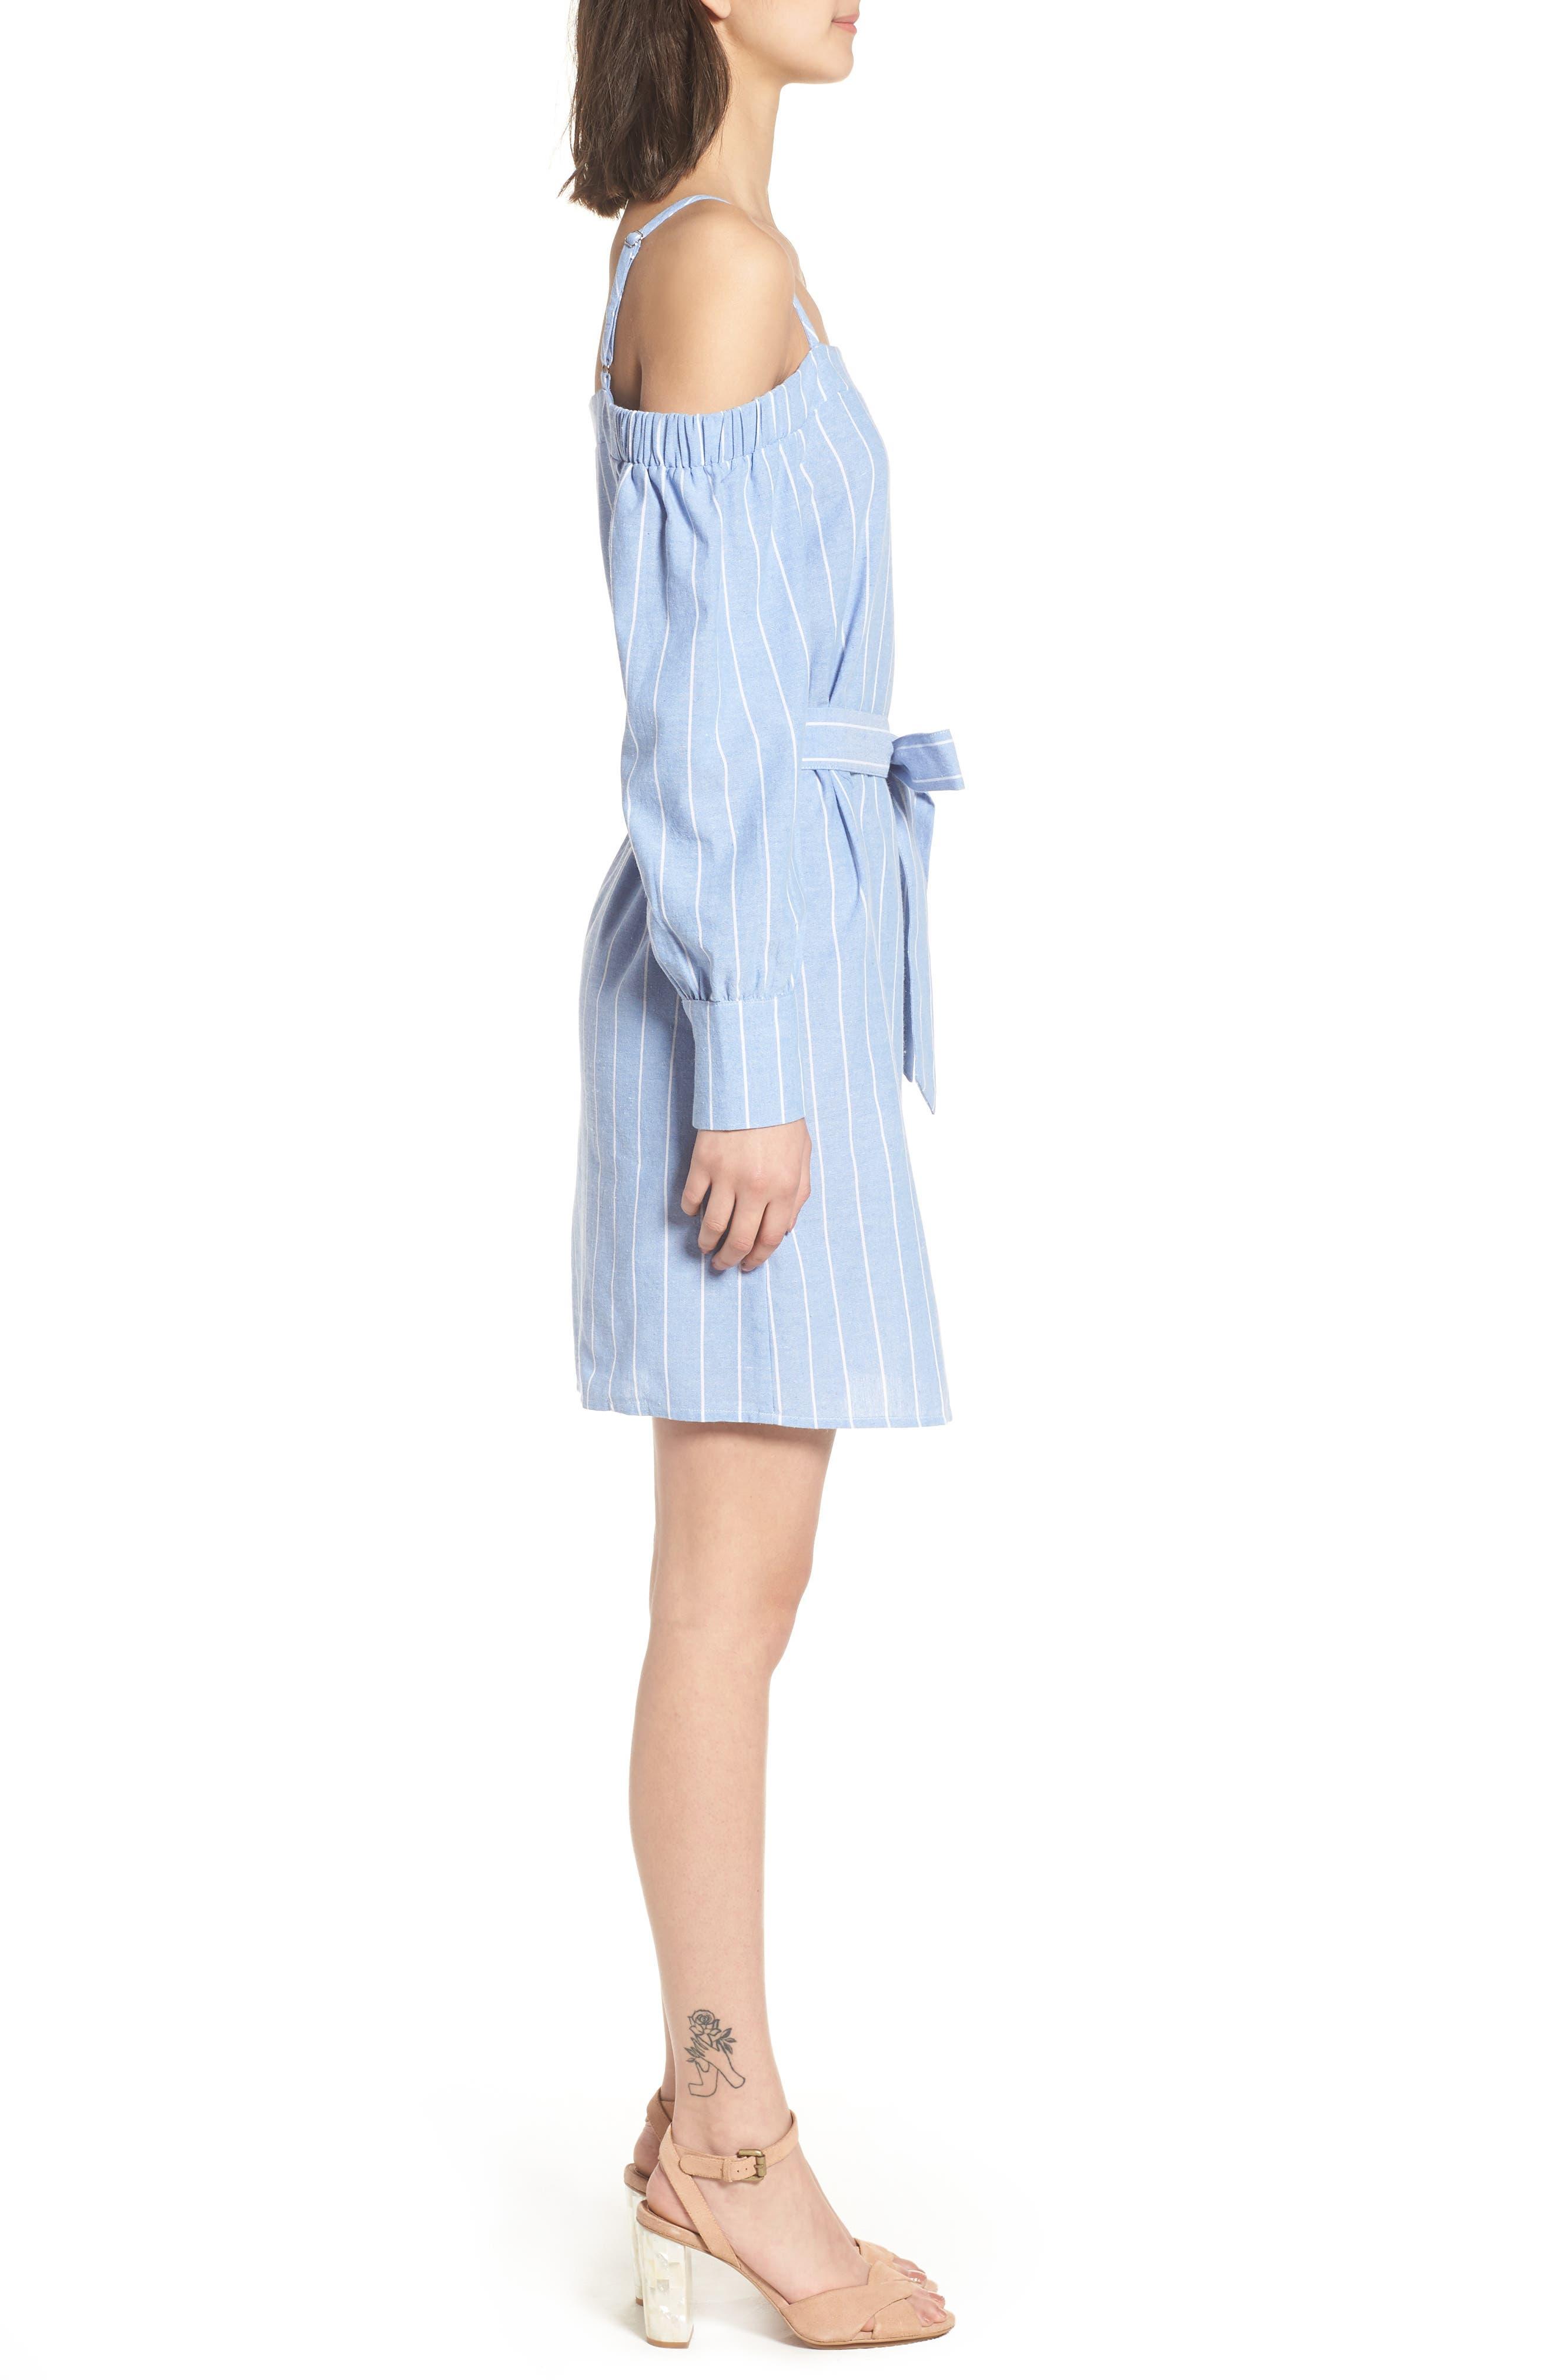 Bishop + Young Chrissy Cold Shoulder Dress,                             Alternate thumbnail 3, color,                             400